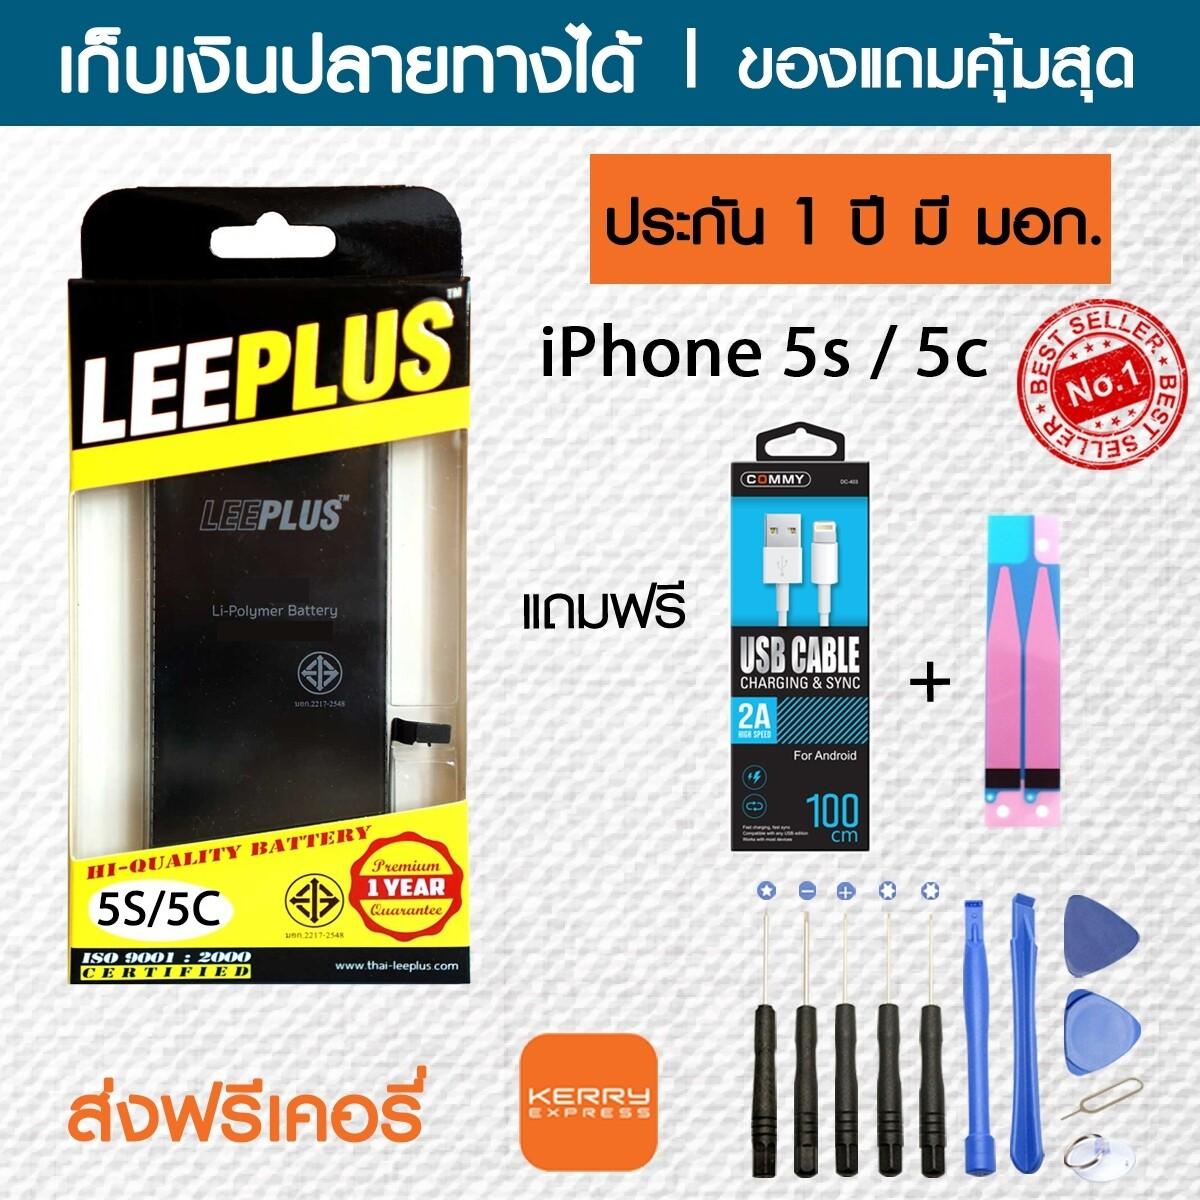 Leeplus แบตไอโฟน 5s/5c ของแท้ 100% มี มอก. รับประกัน 1 ปี ฟรีเครื่องมือเปลี่ยน.